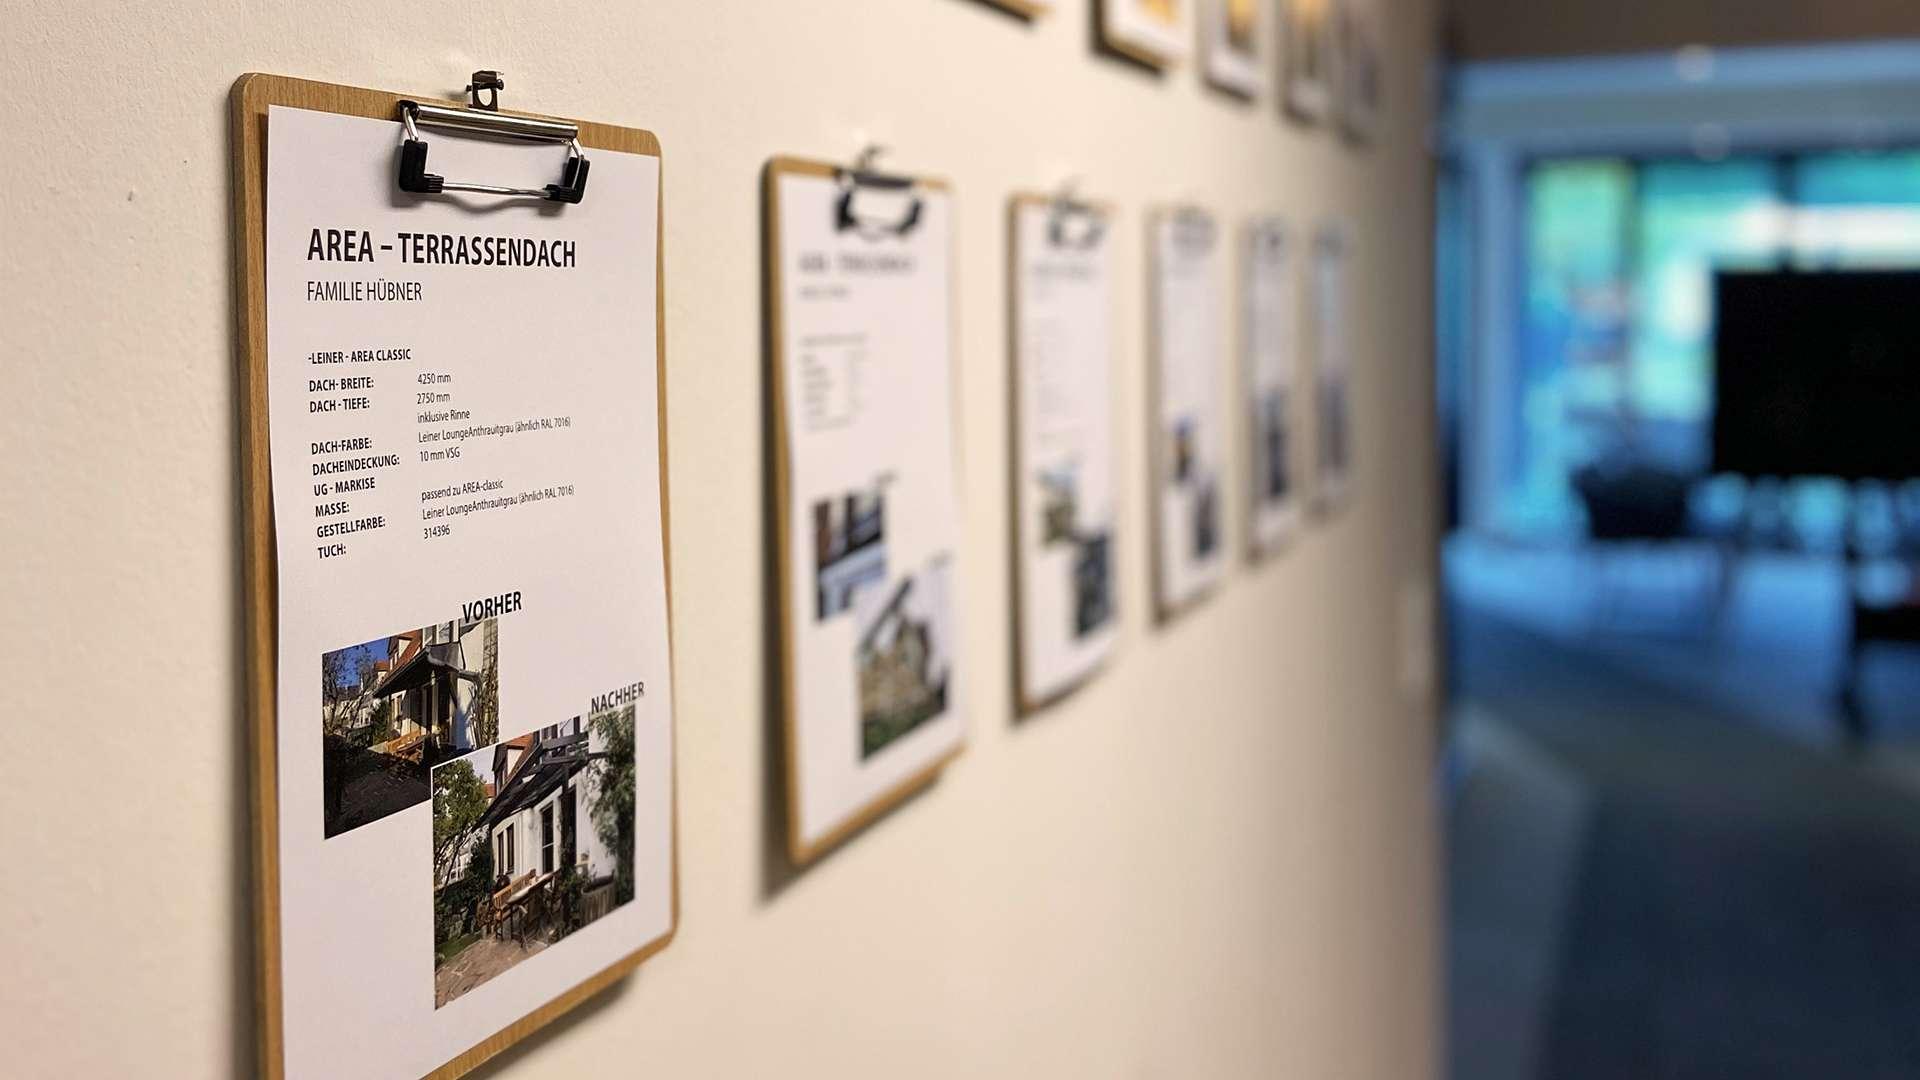 Mehrere Infozettel an einer Wand in der Ausstellung von Schirrle in Nürnberg